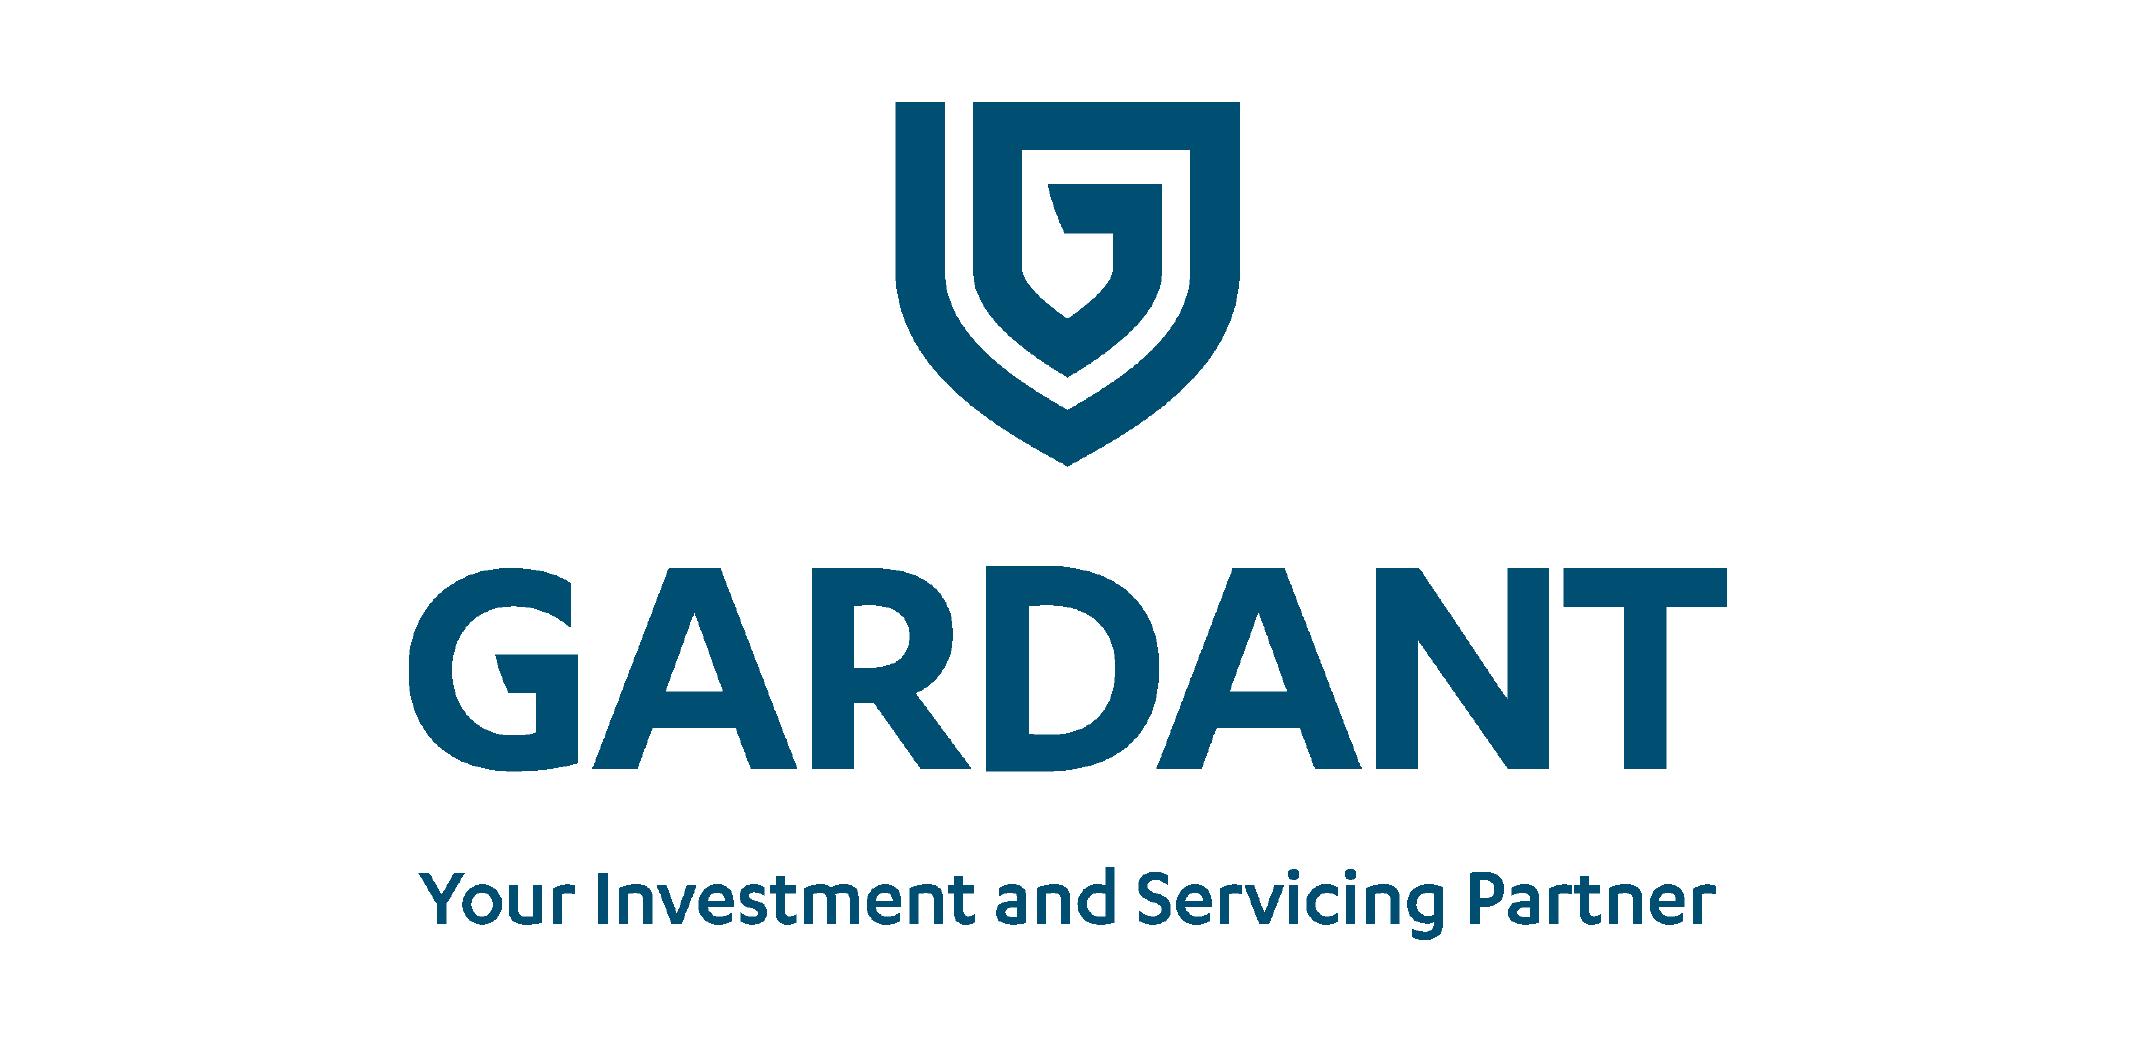 Gardant